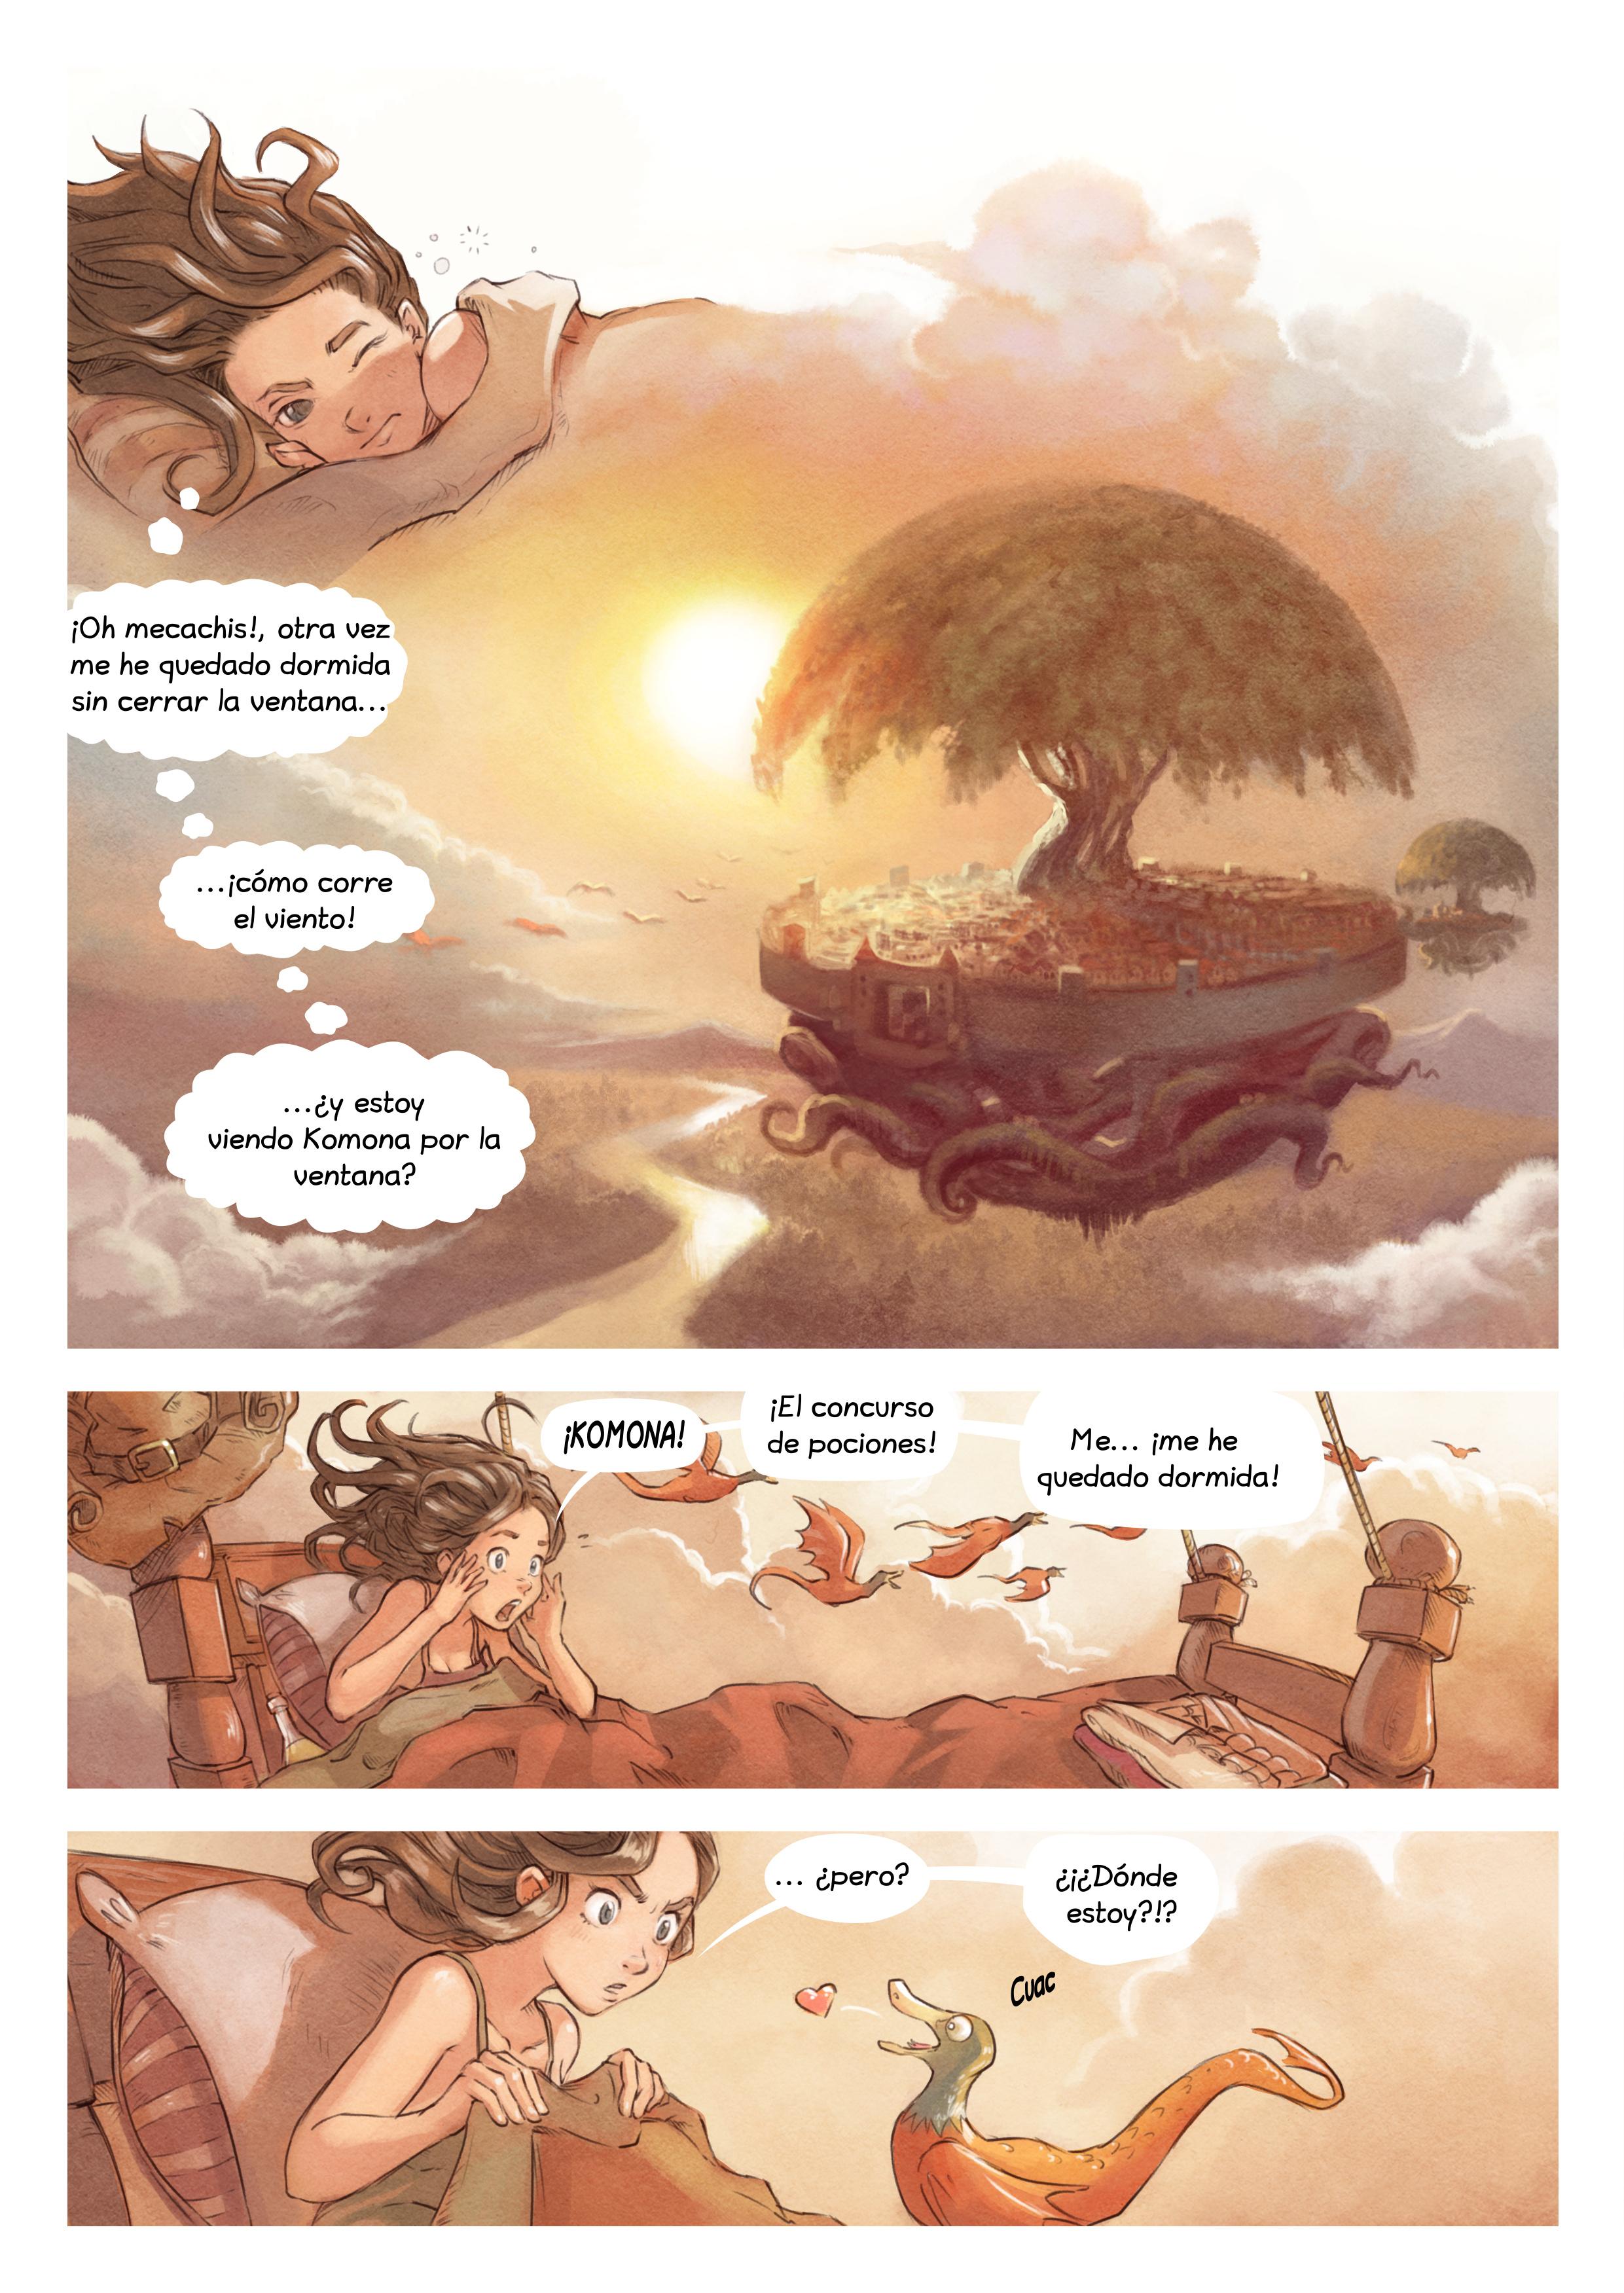 Episodio 6: El concurso de pociones, Page 1